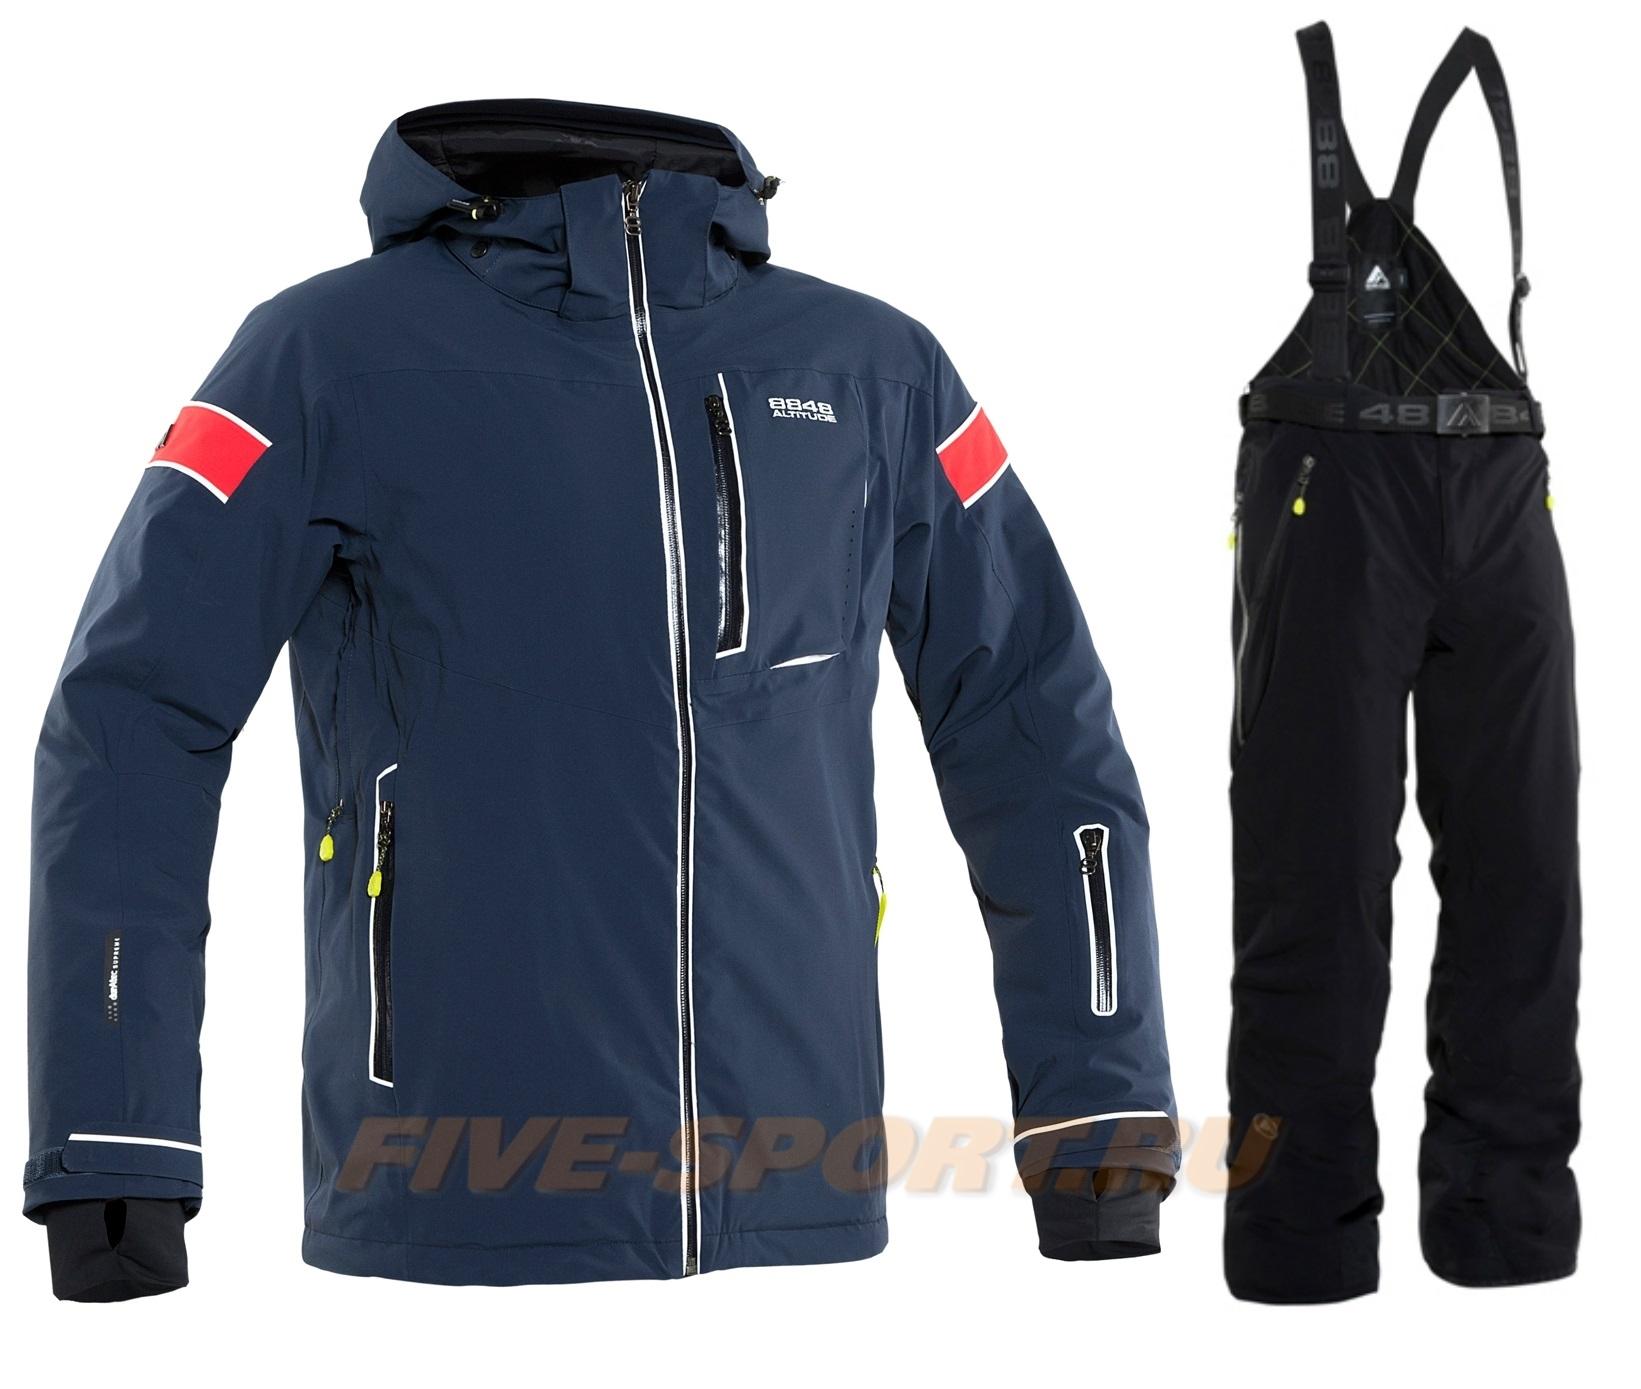 Горнолыжный костюм 8848 Altitude Switch 2 Navy Venture Black